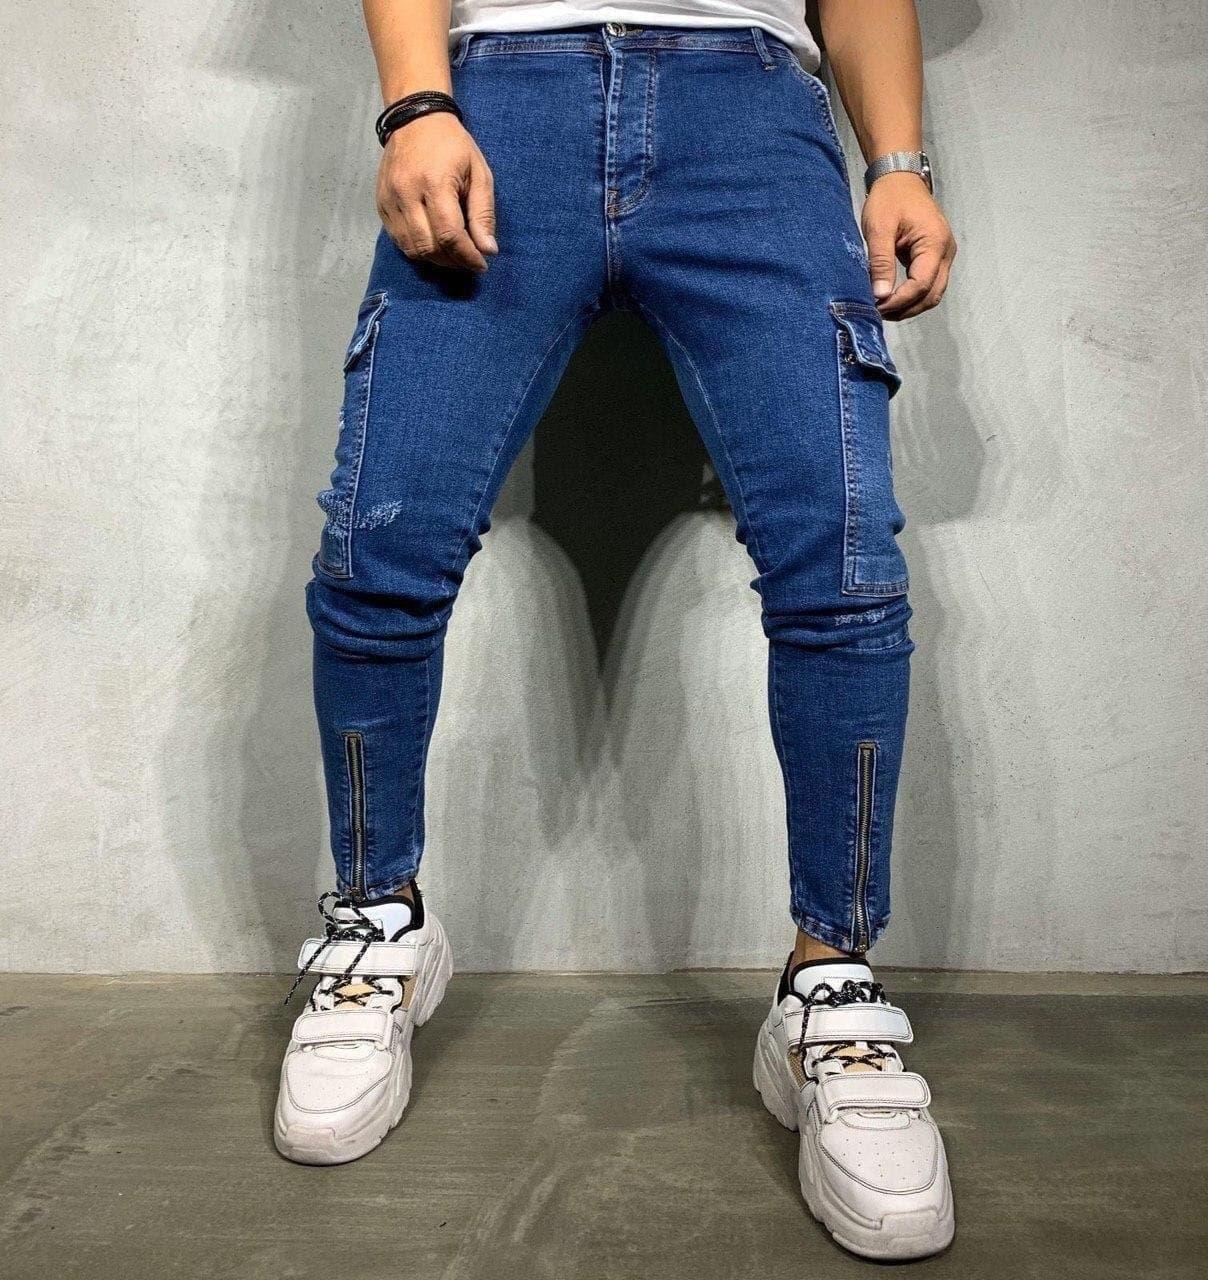 Джинсы - Мужские синие джинсы джогеры / чоловічі джинси сині Premium quality джогери